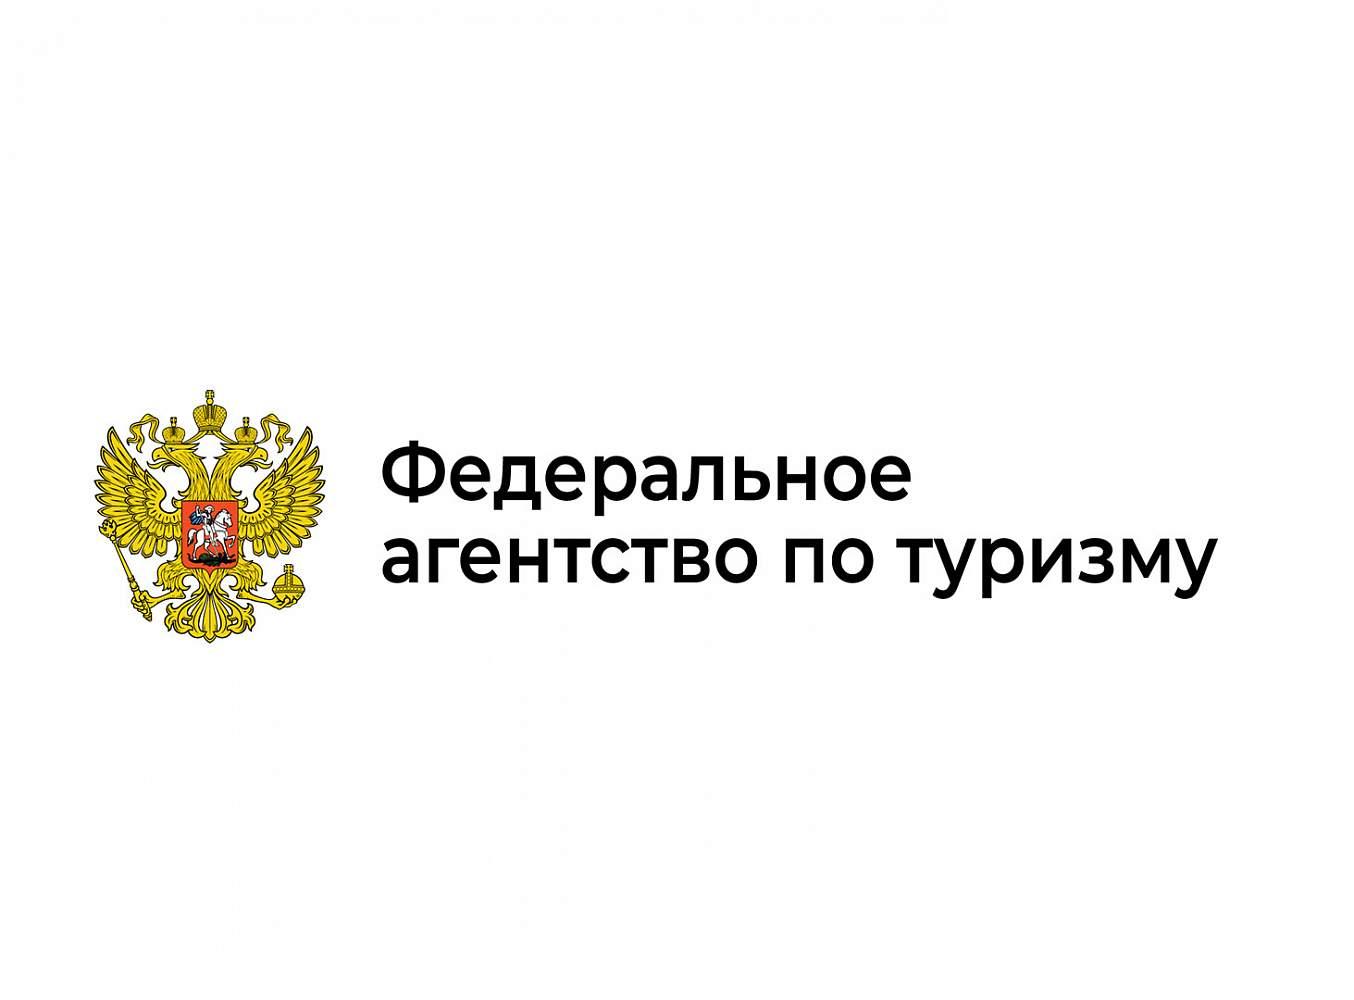 Куда полететь из РФ за границу май-июнь 2021 года туристам россиянам: последние новости